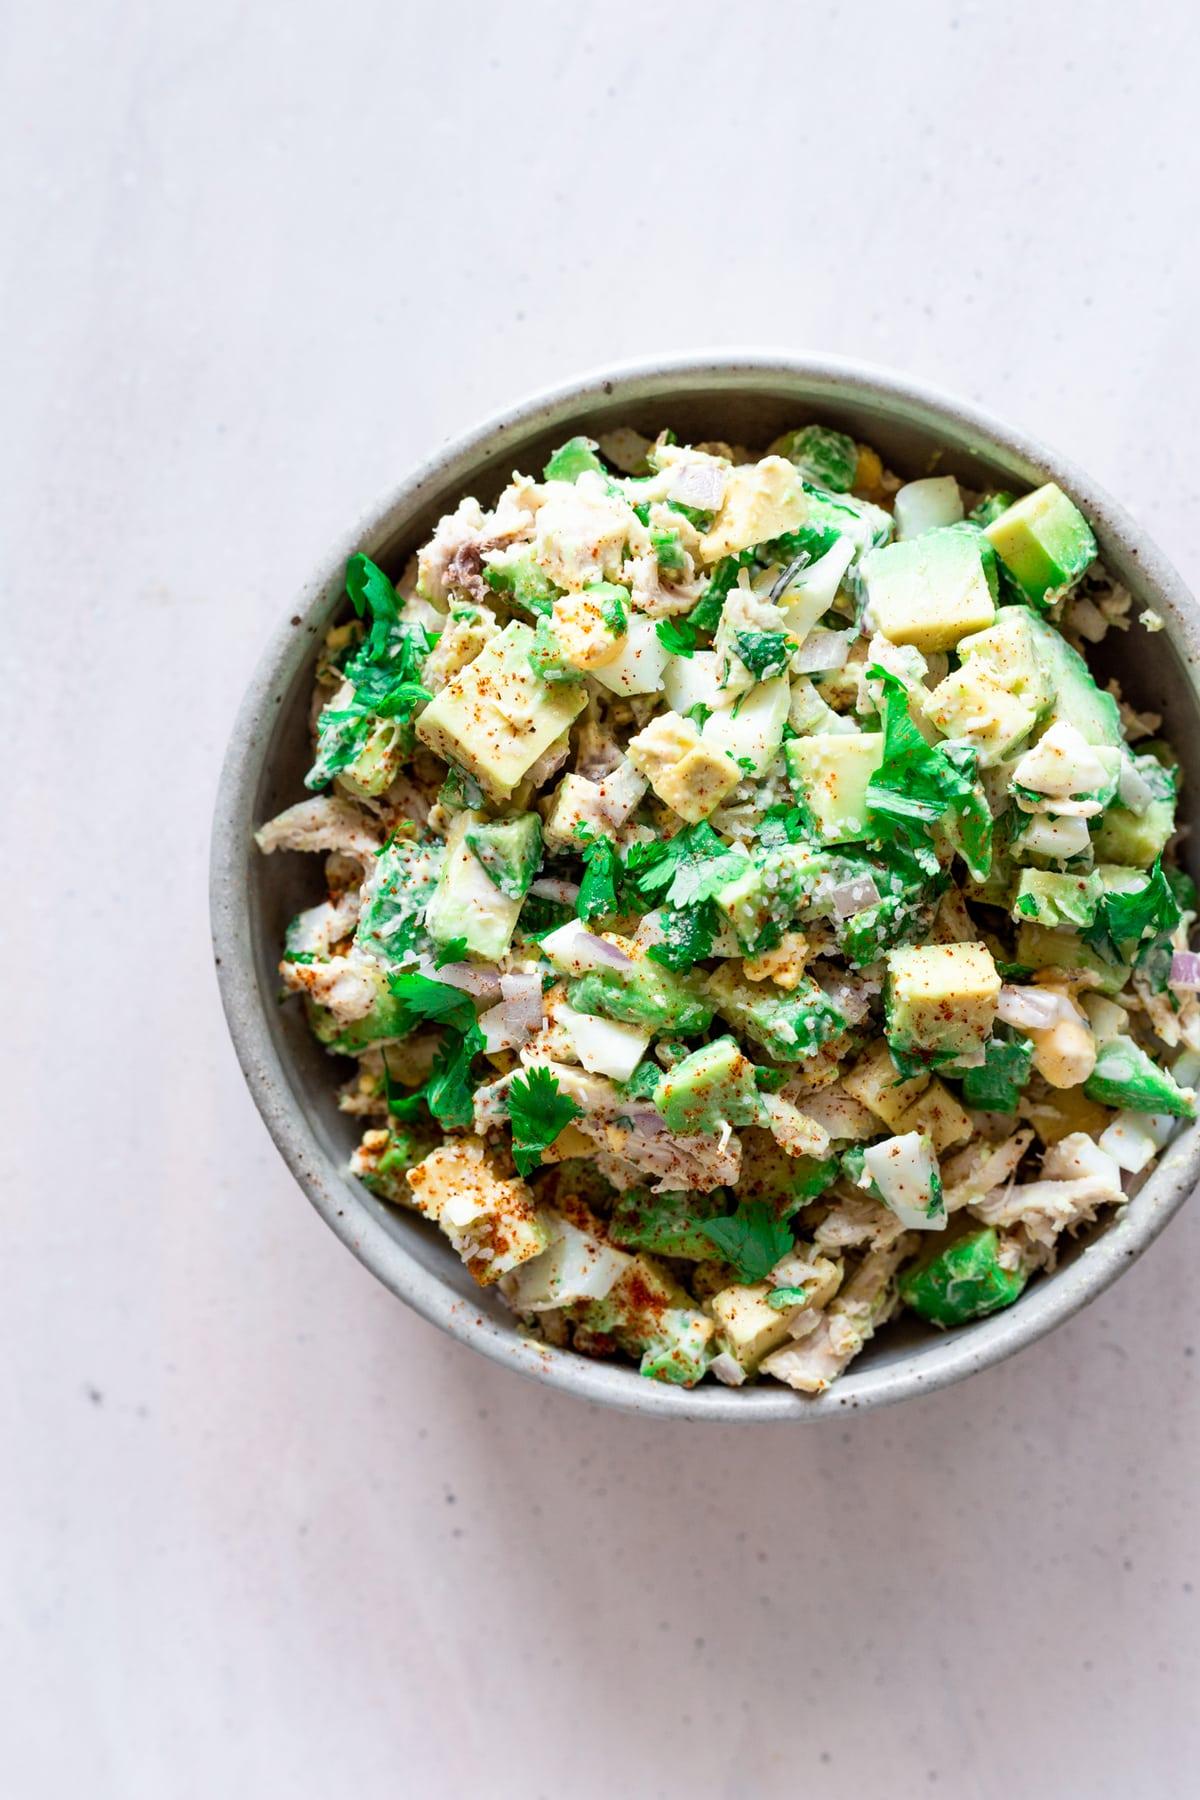 healthy chicken salad with avocado